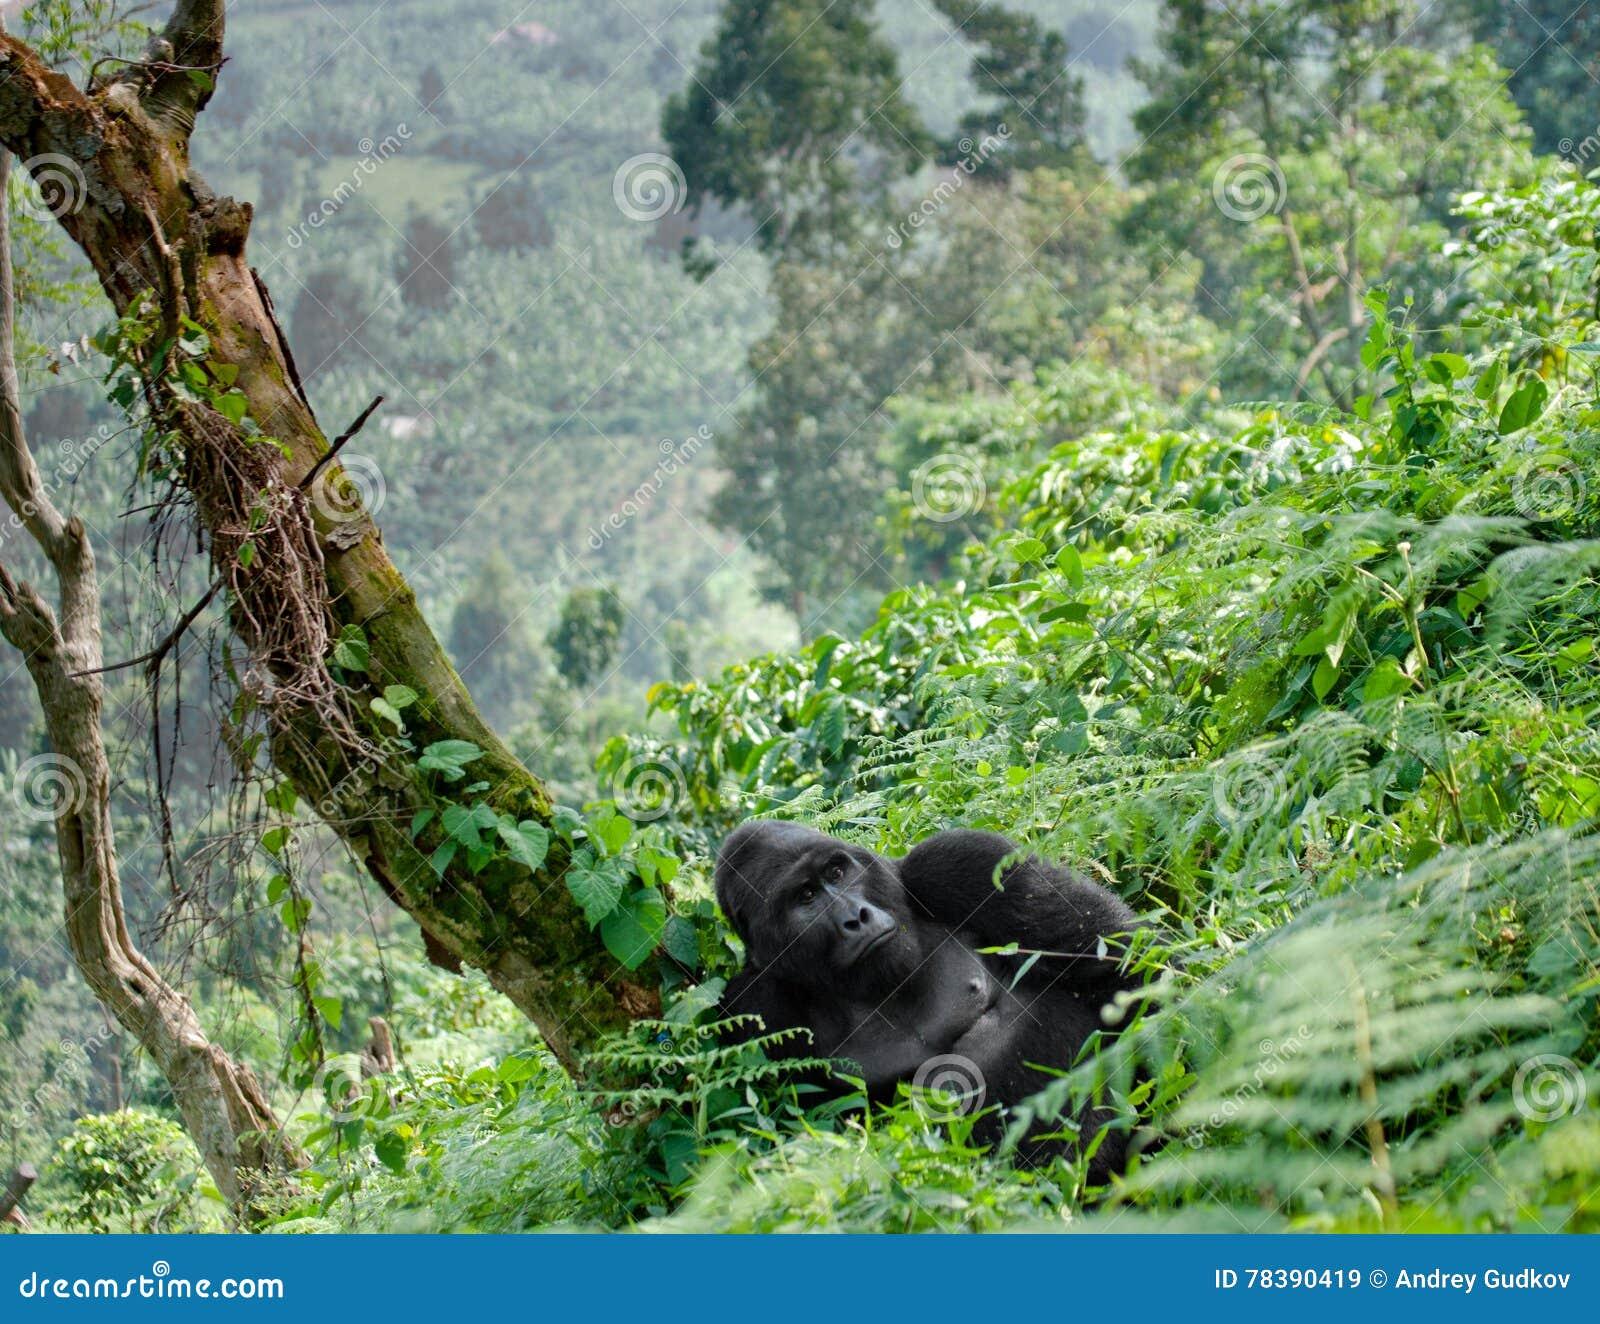 Доминантная мужская горилла горы в траве Уганда Национальный парк леса Bwindi труднопроходимый